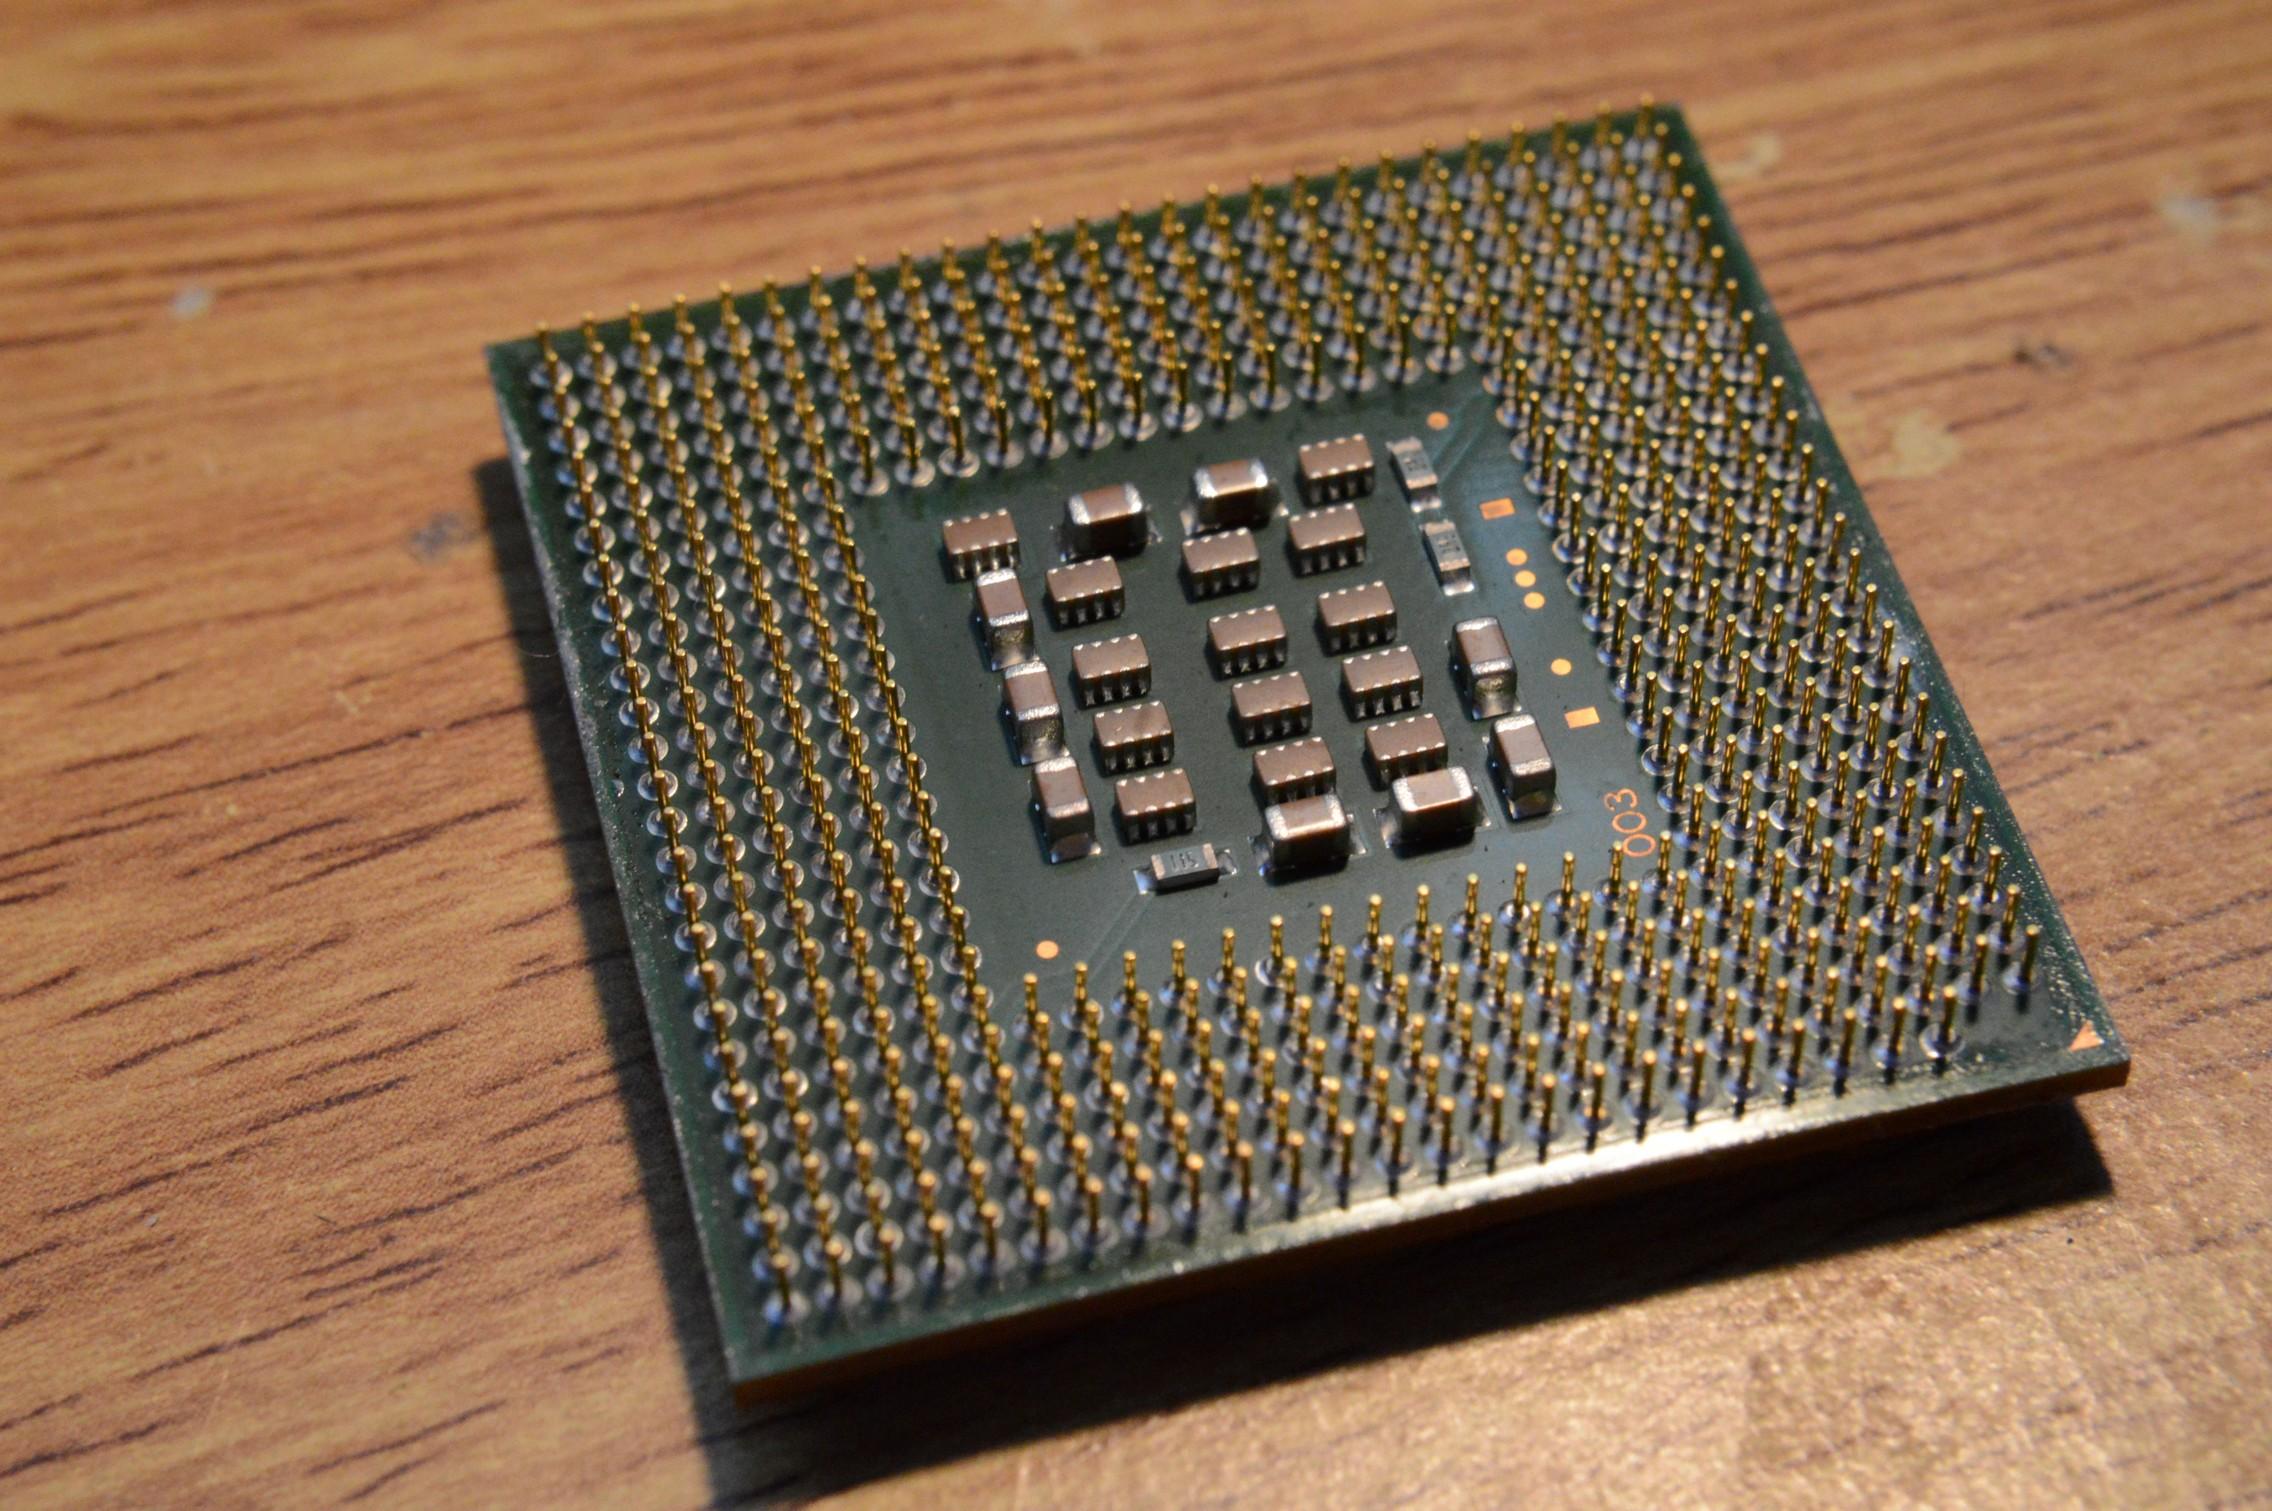 ImageDSC_3999.jpg